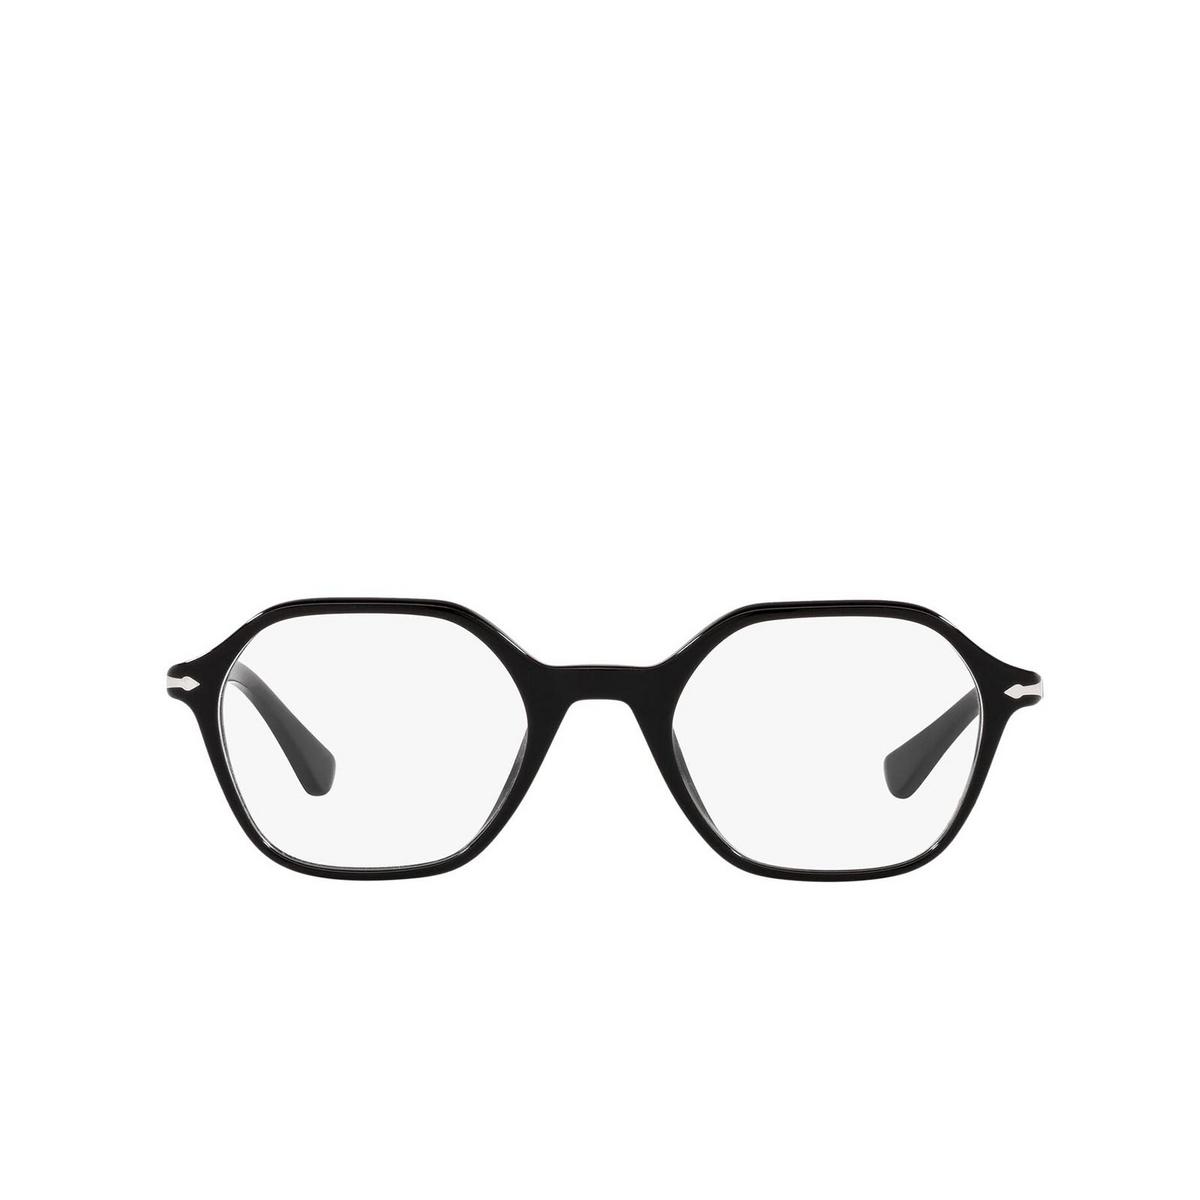 Persol® Irregular Eyeglasses: PO3254V color Black 95 - front view.